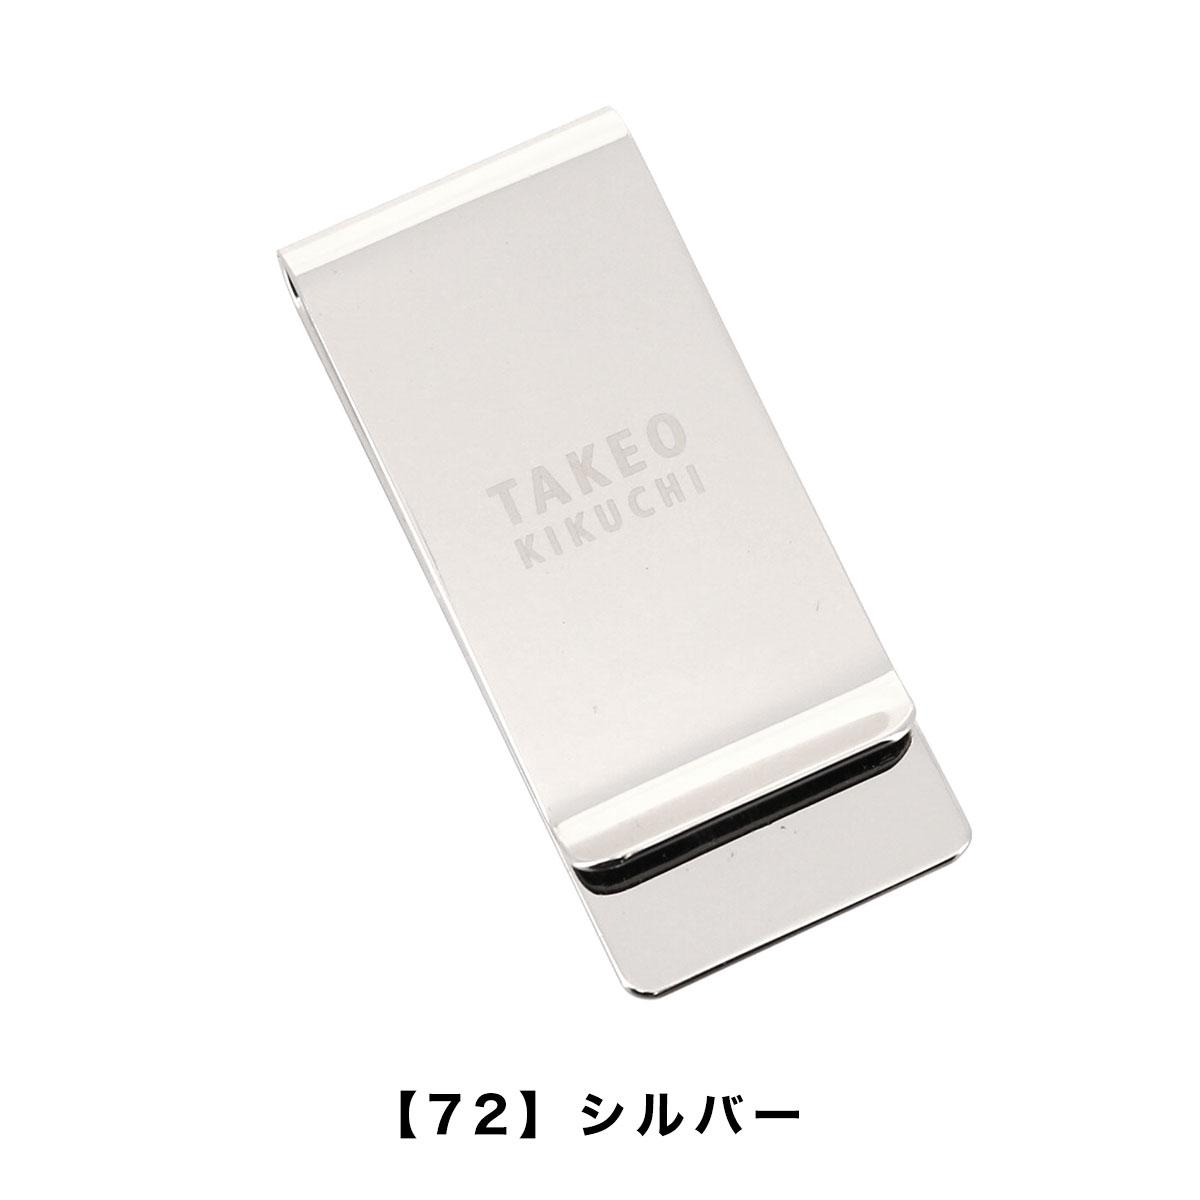 【72】シルバー